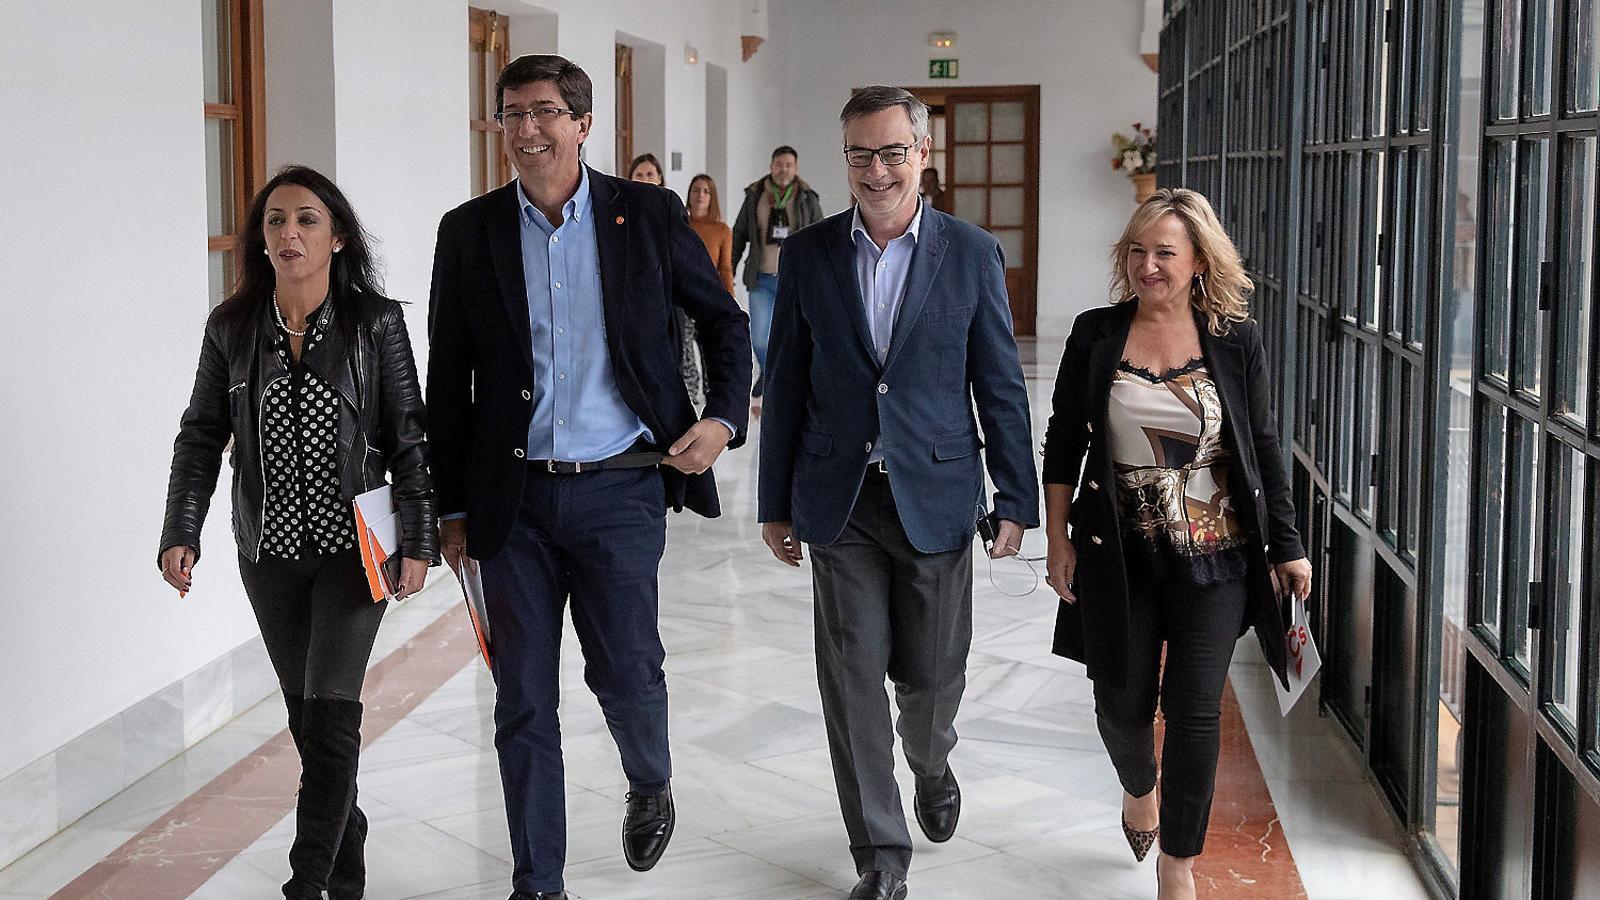 El PP i Ciutadans acosten posicions per desallotjar el PSOE a Andalusia